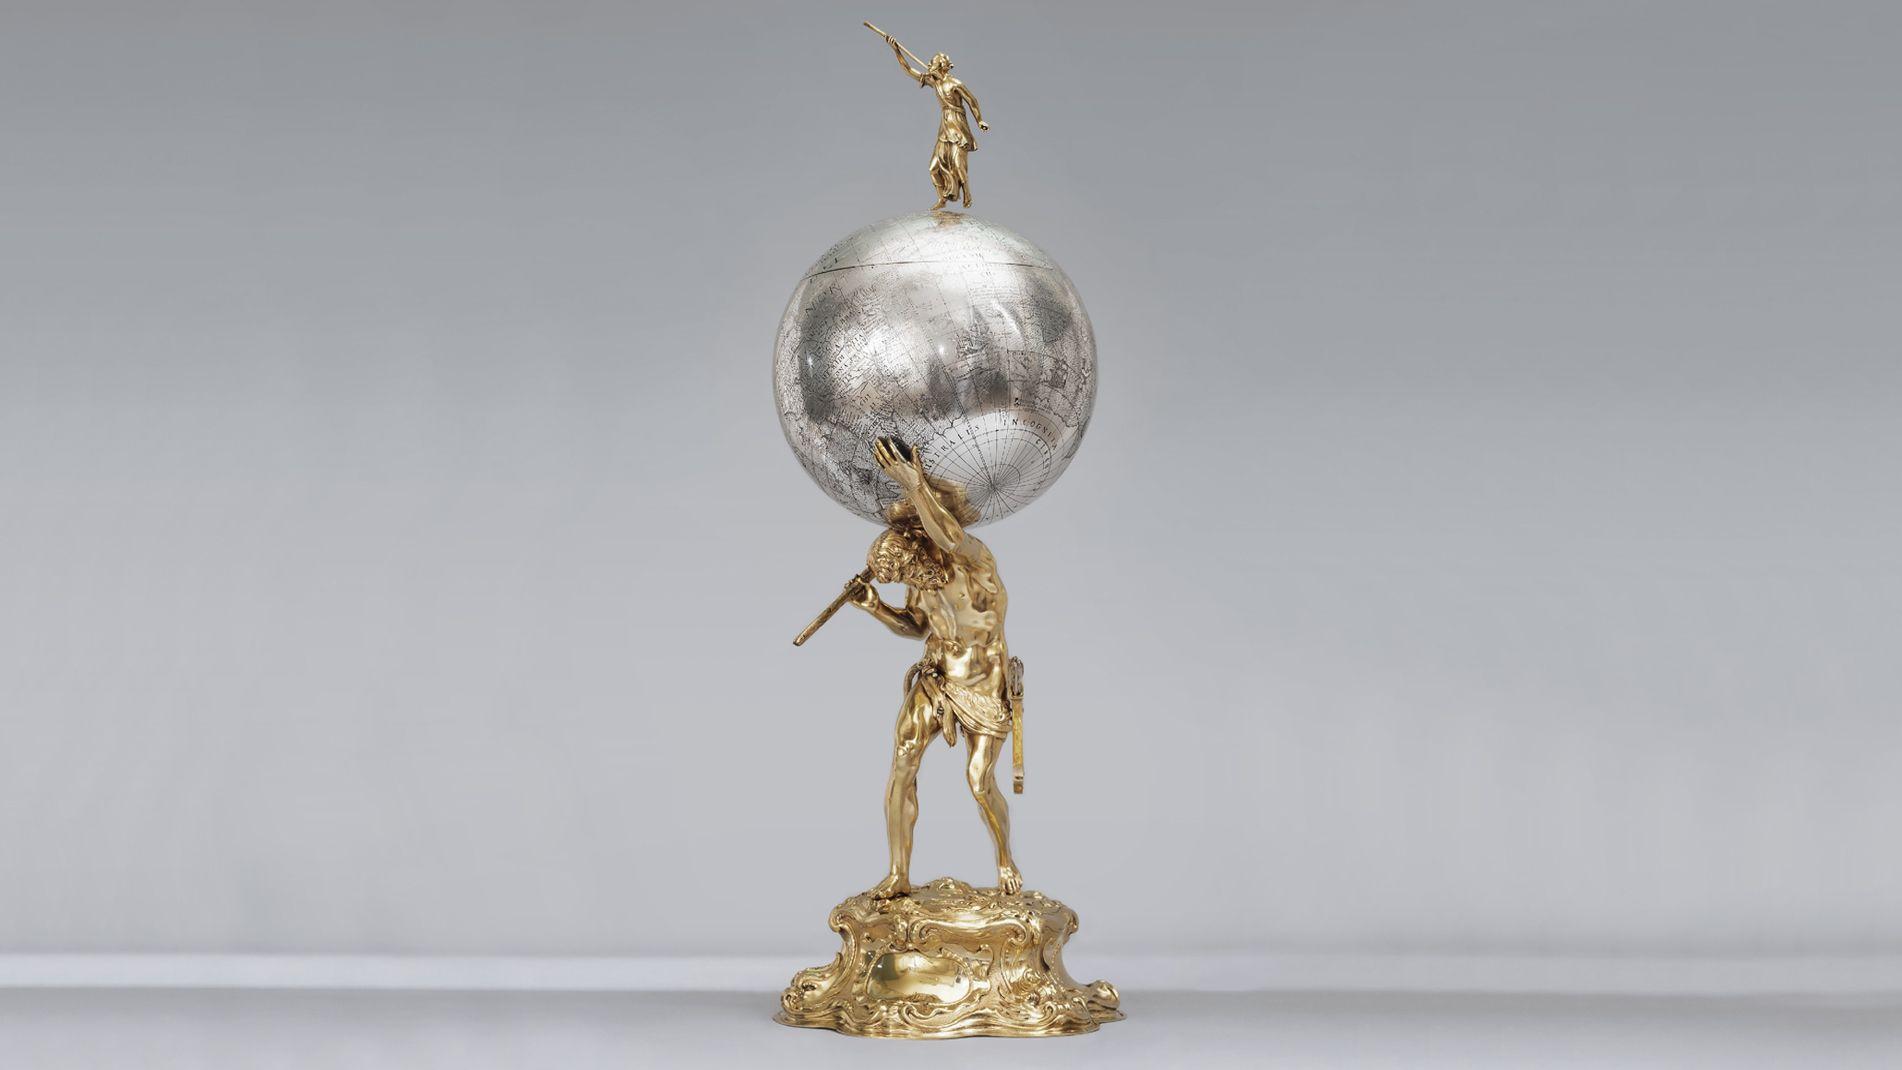 Pokal aus den königlichen Kunstsammlungen Schweden